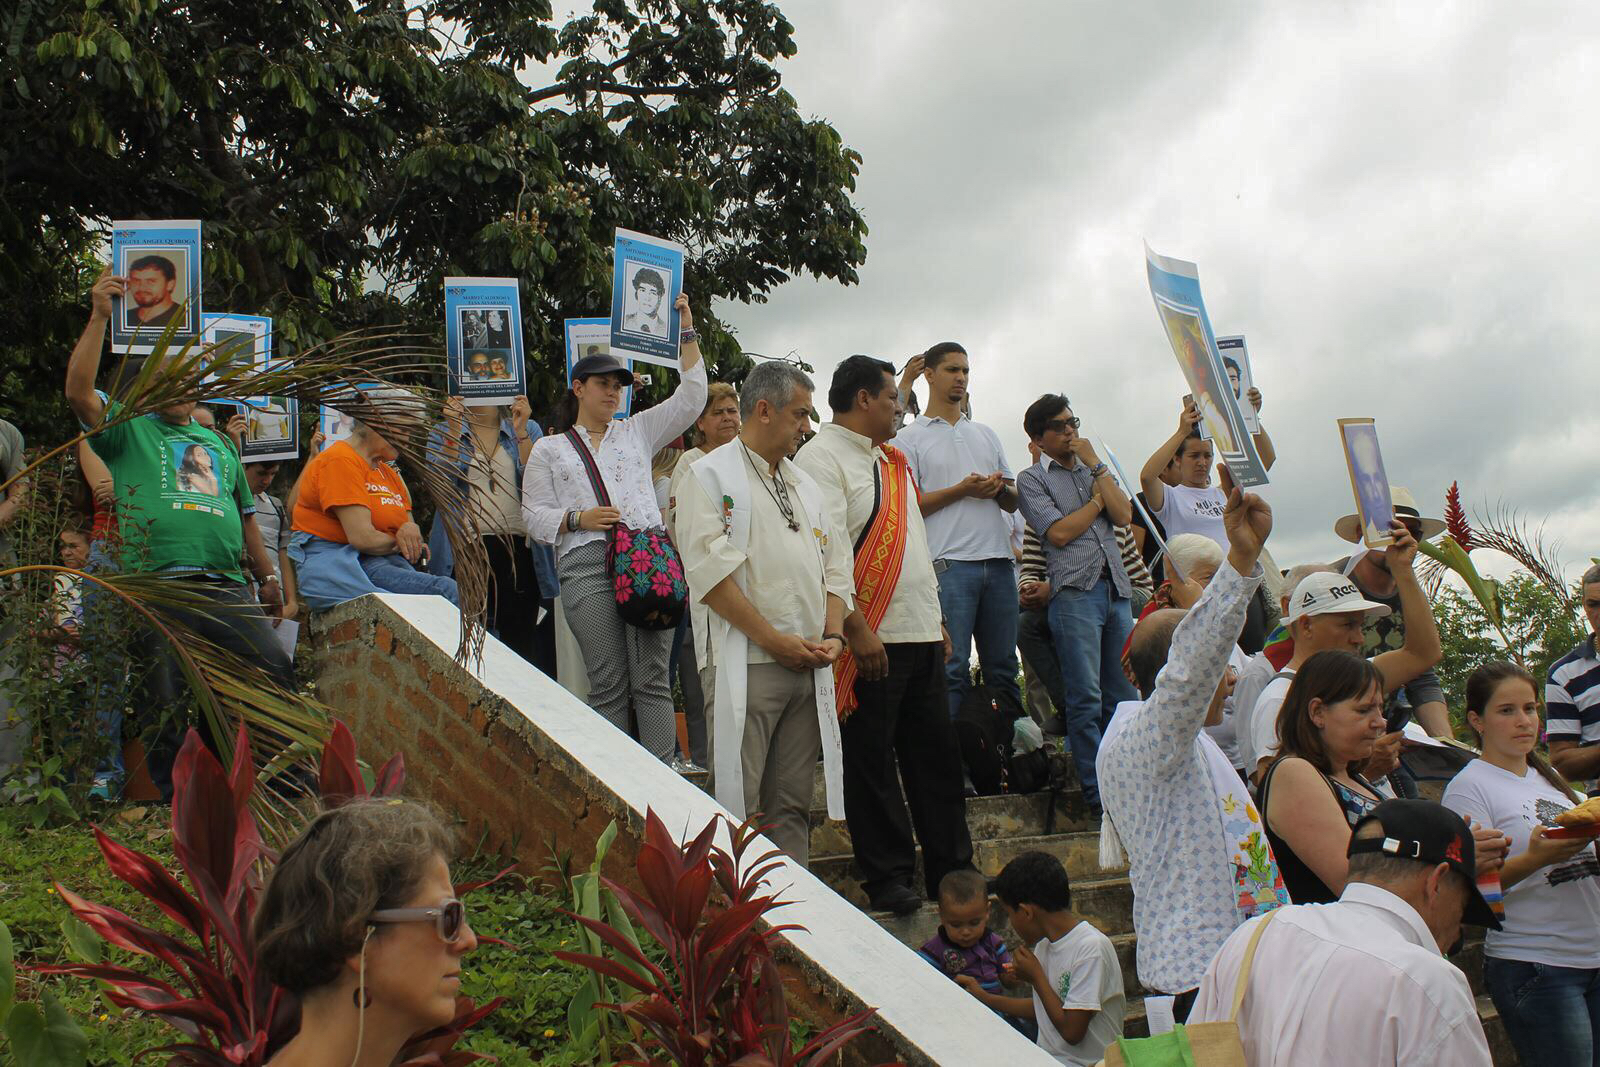 Las víctimas de la masacre de Trujillo se resisten a la impunidad